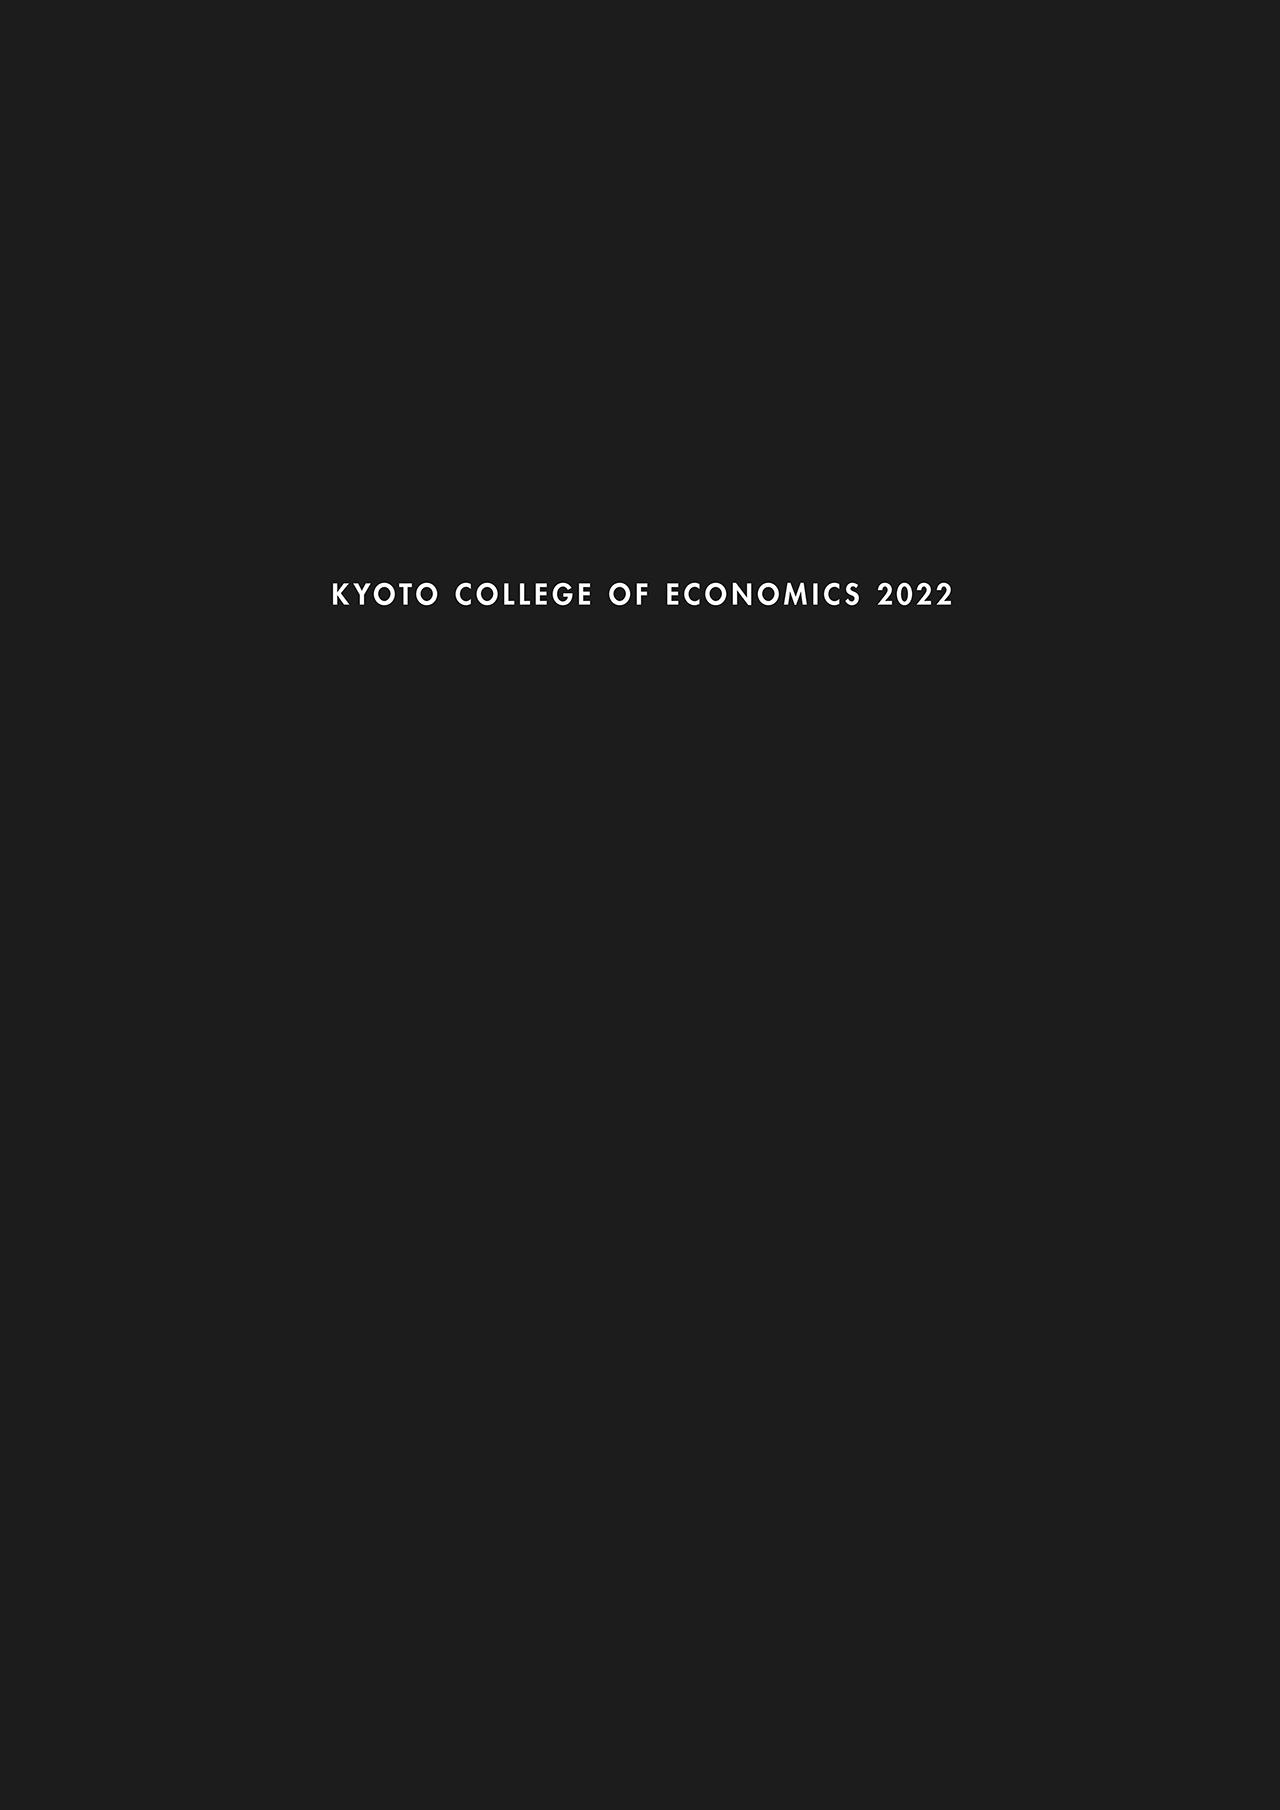 京都経済短期大学 デジタルパンフ